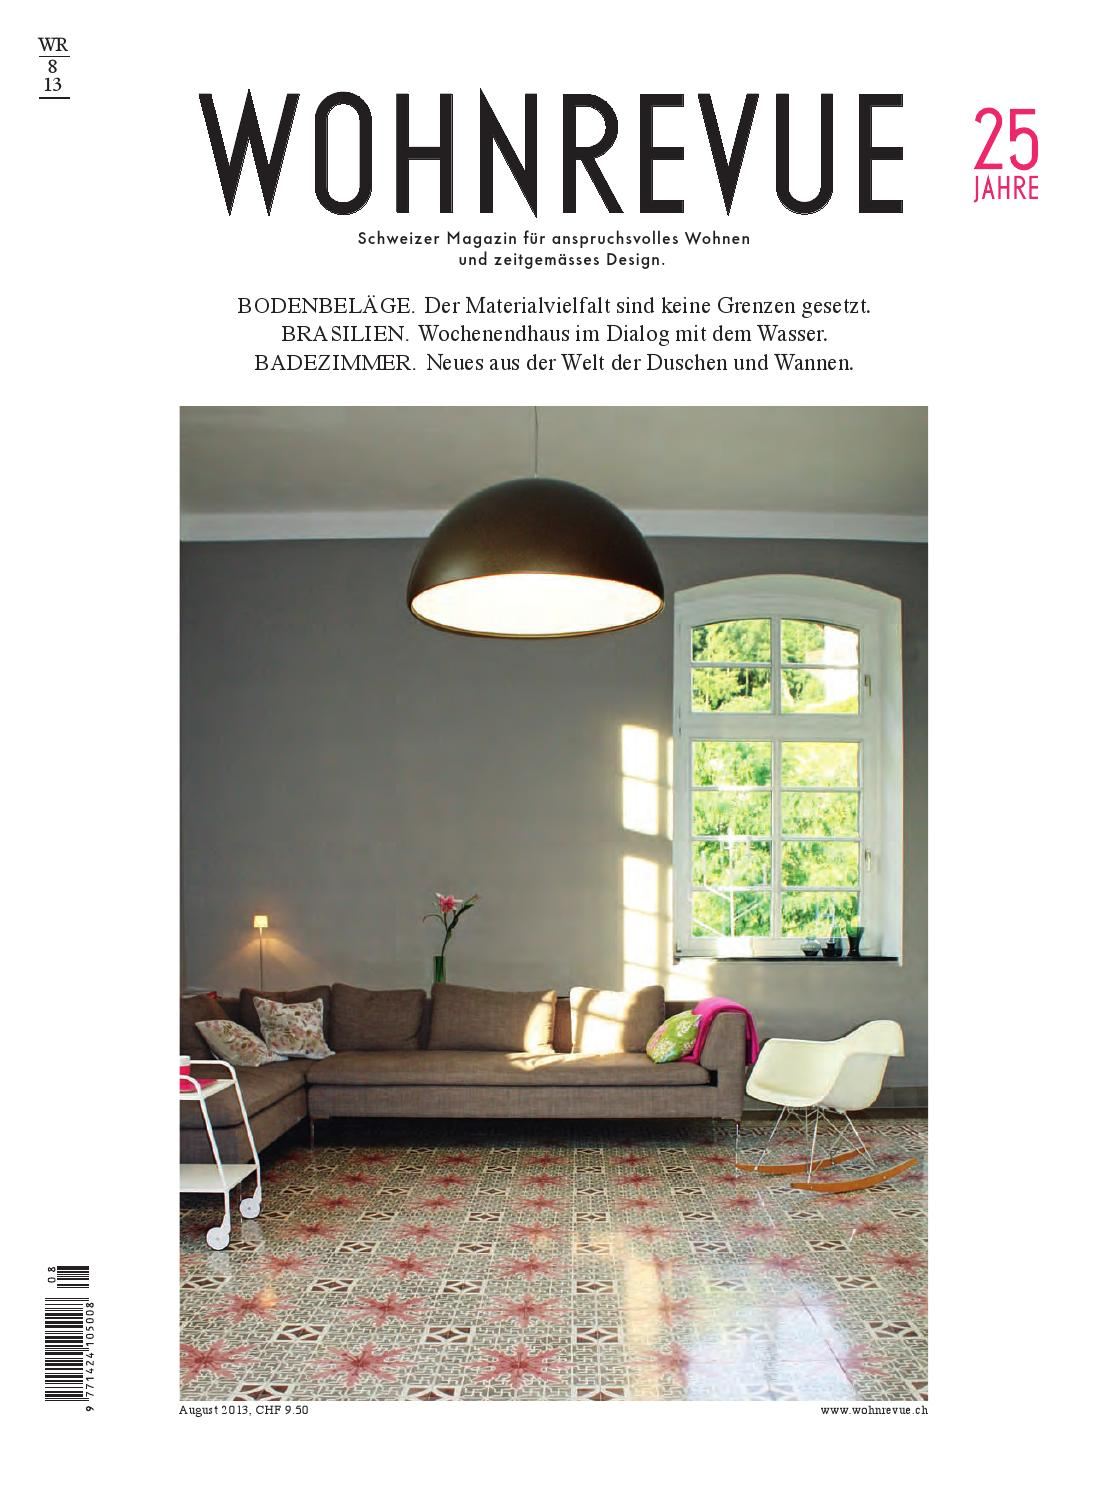 wohnrevue 08 2013 by boll verlag - issuu, Badezimmer ideen